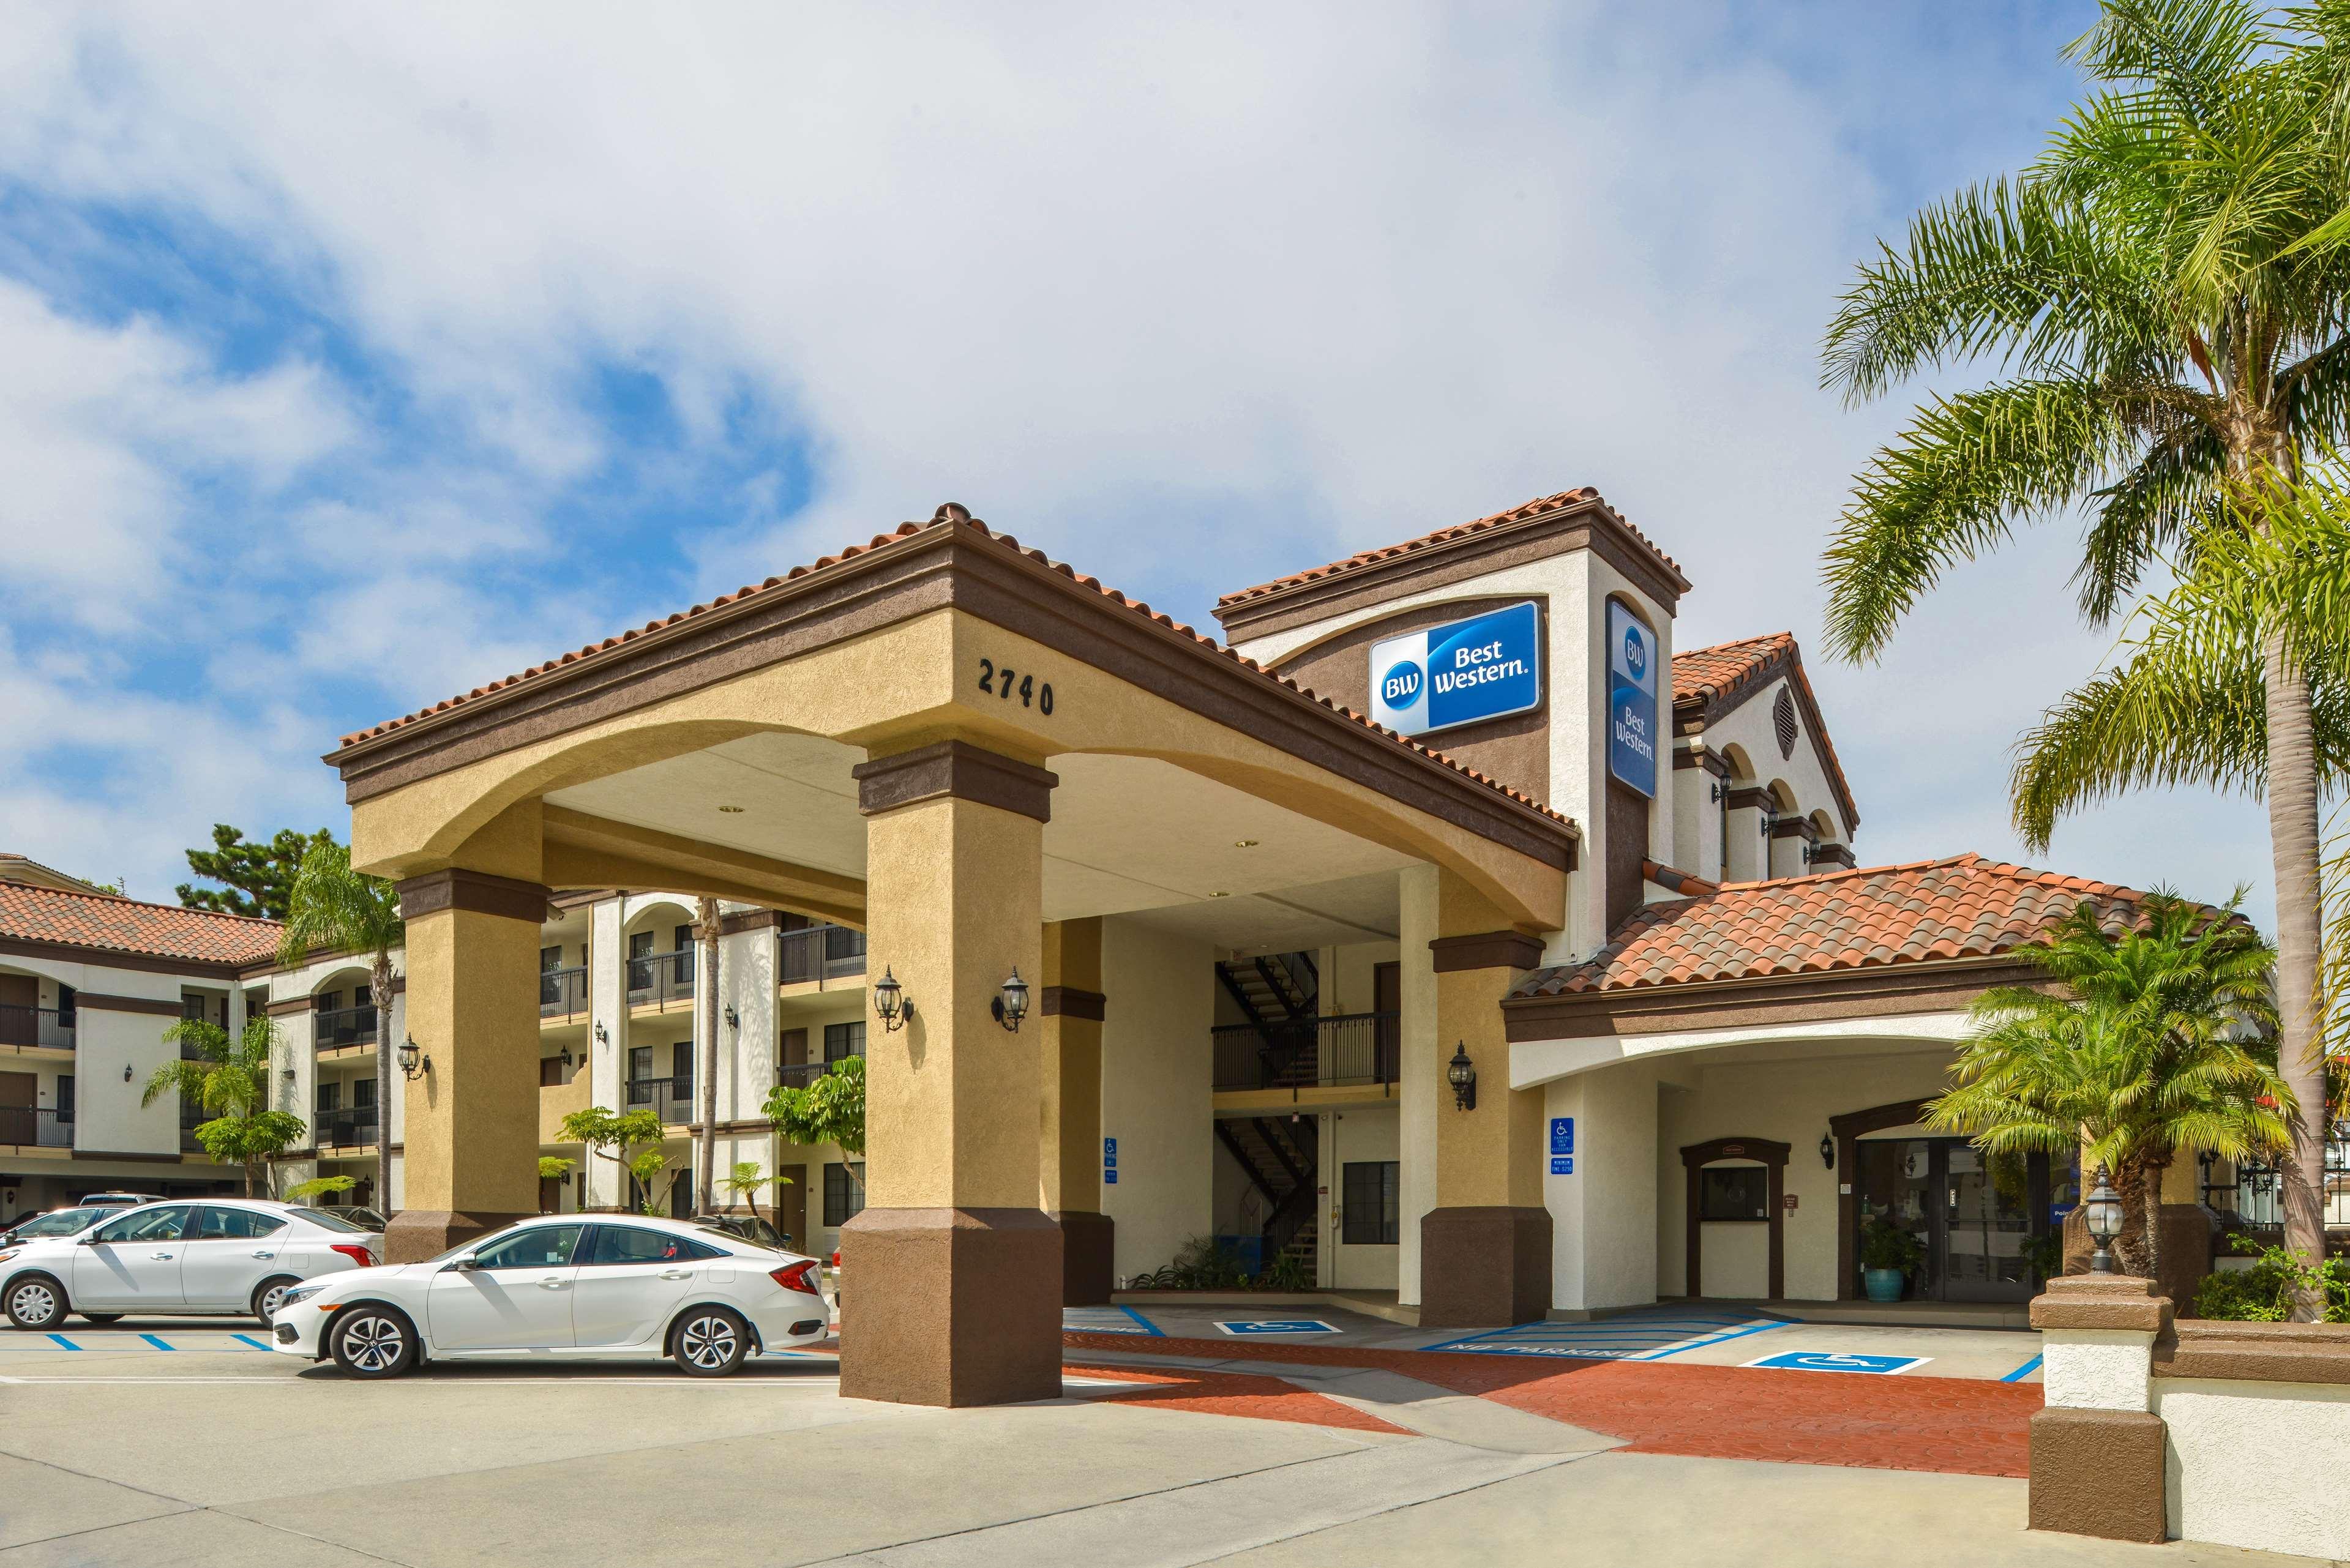 Best Western Redondo Beach Galleria Inn image 1